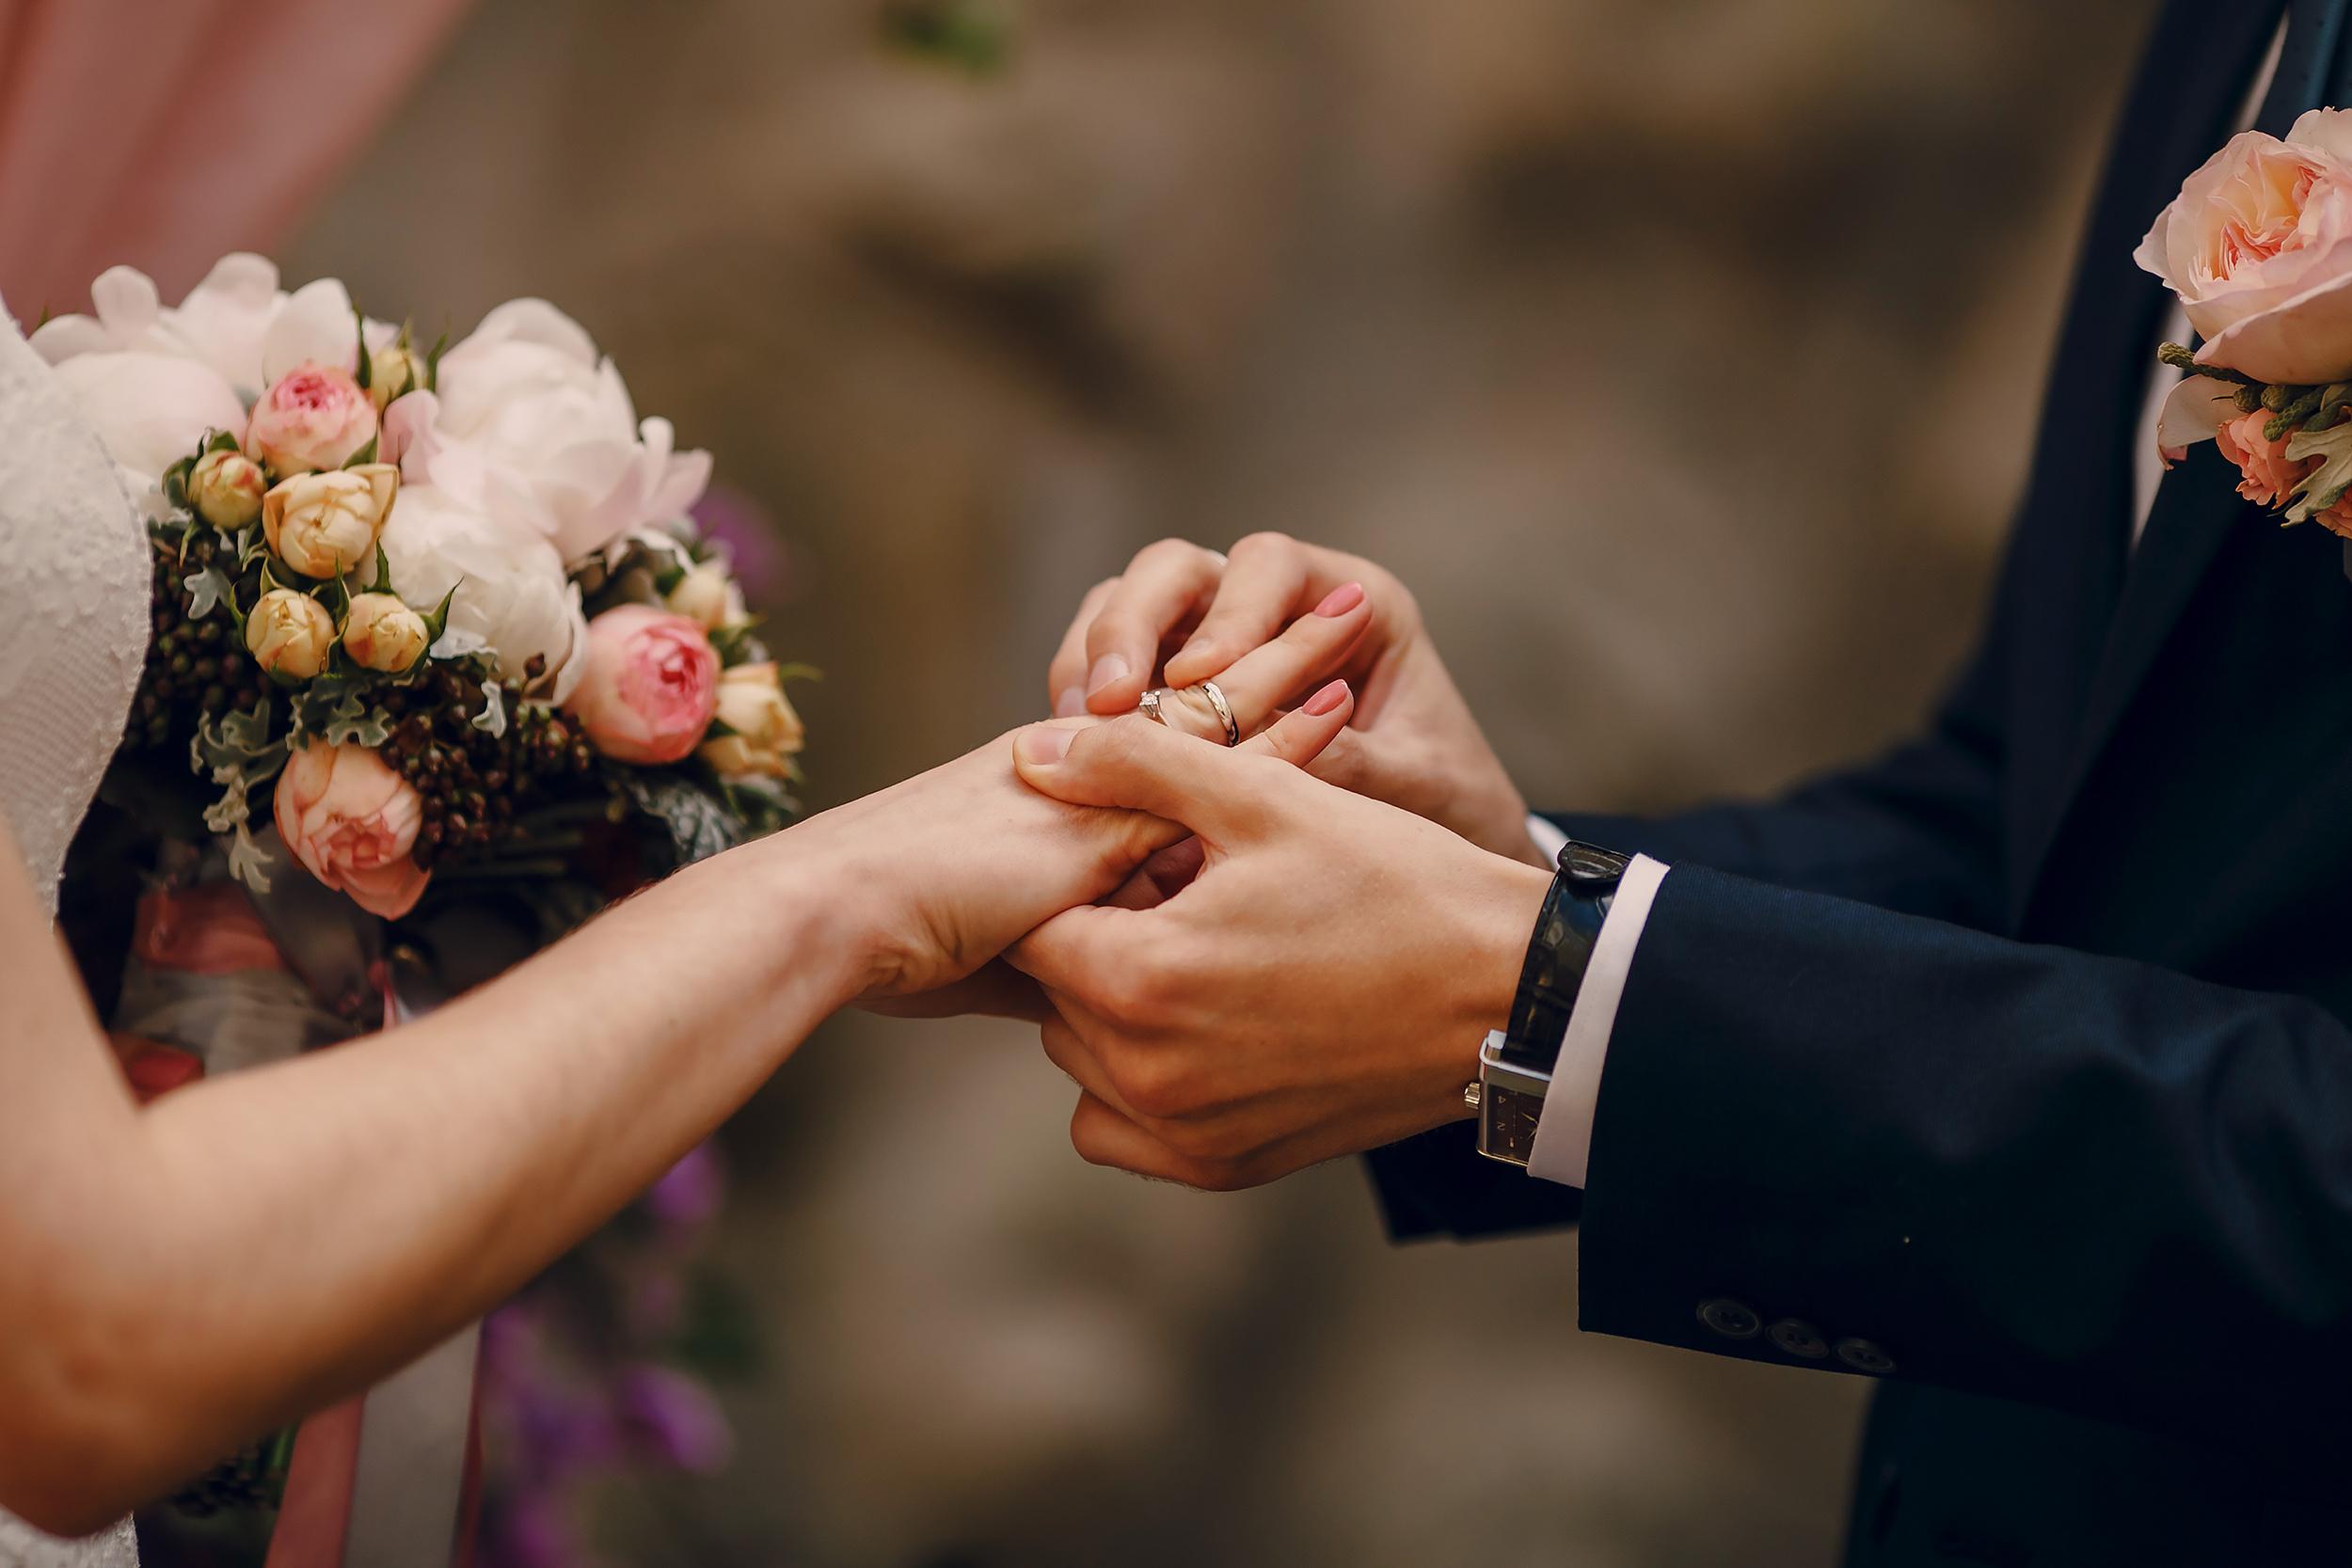 دریافت شهروندی ترکیه با ازدواج با شخص ترک